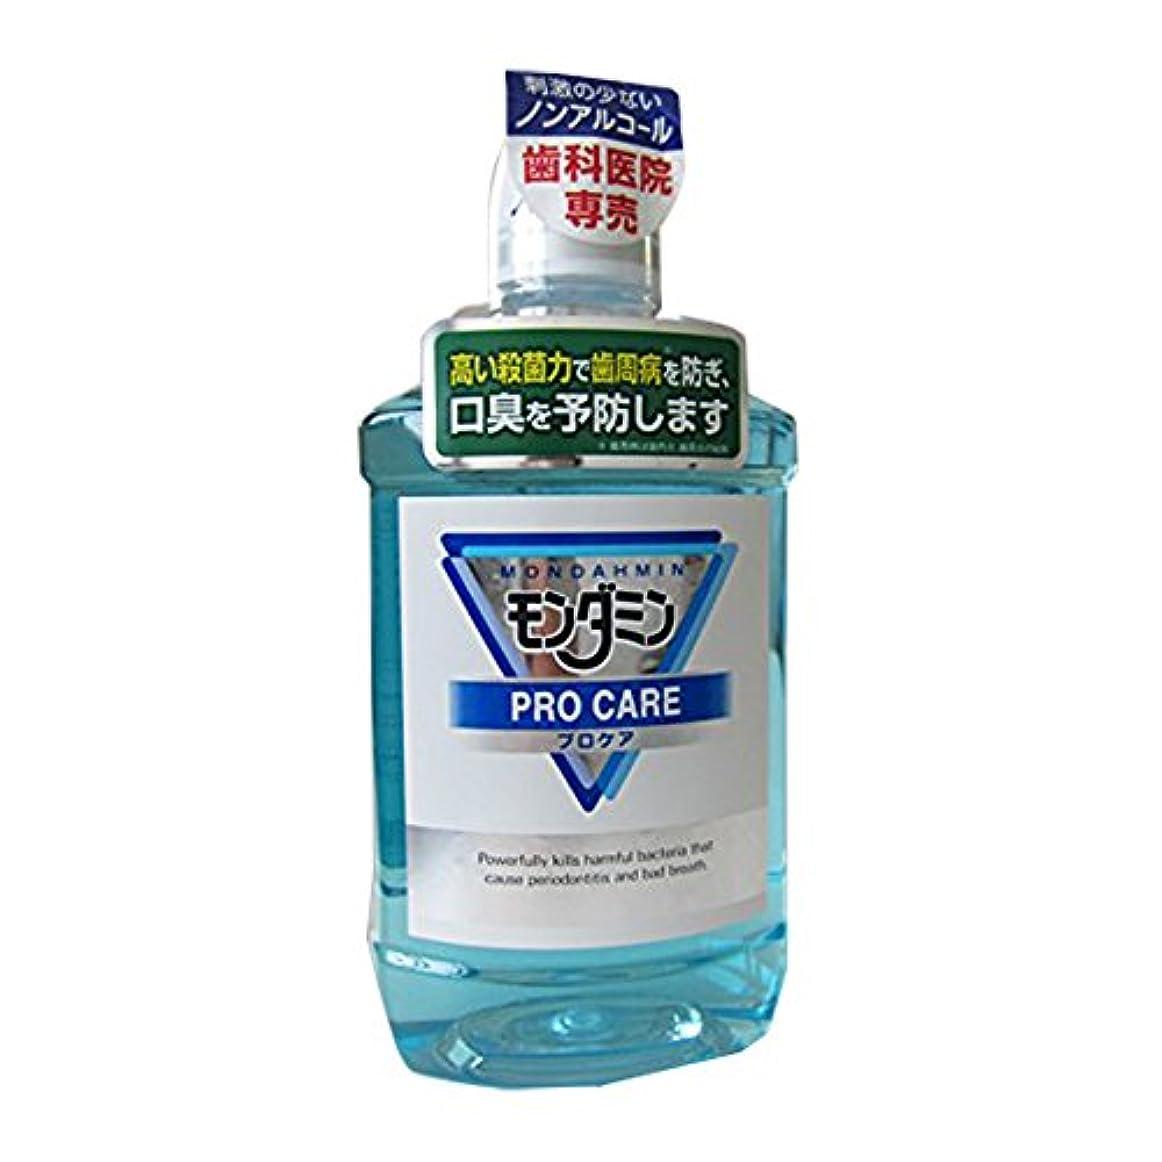 薄めるぐるぐる苦痛モンダミン モンダミン プロケア 1000ml ボトル 液体歯磨き単品